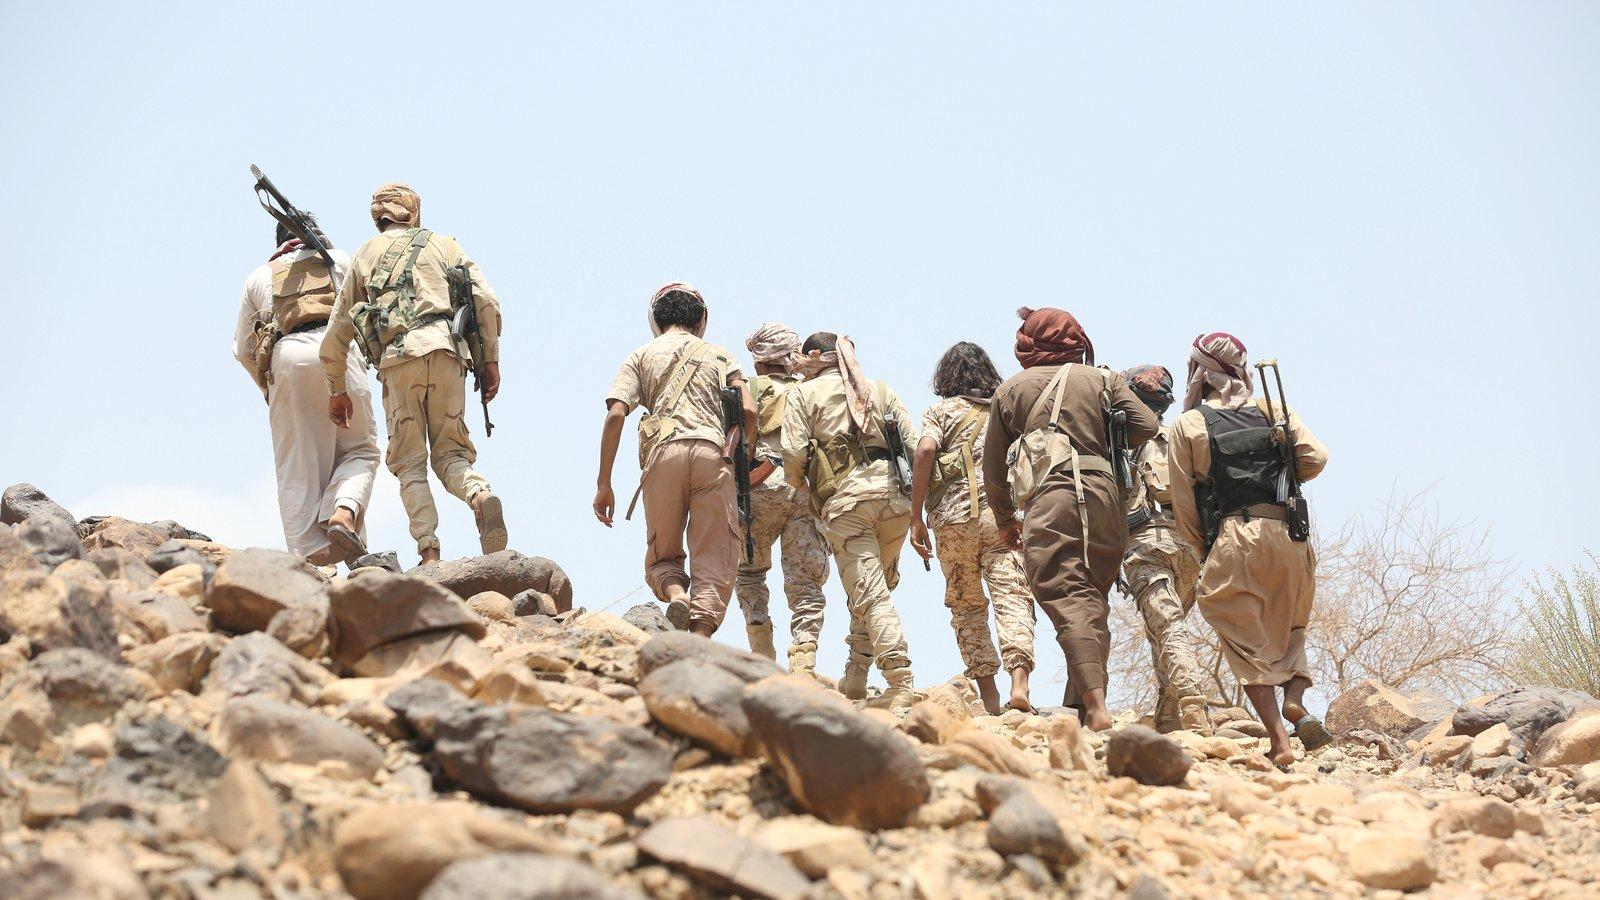 عصابات ليبية مسلحة تنشط في نهب معدني الذهب السودانيين على الحدود